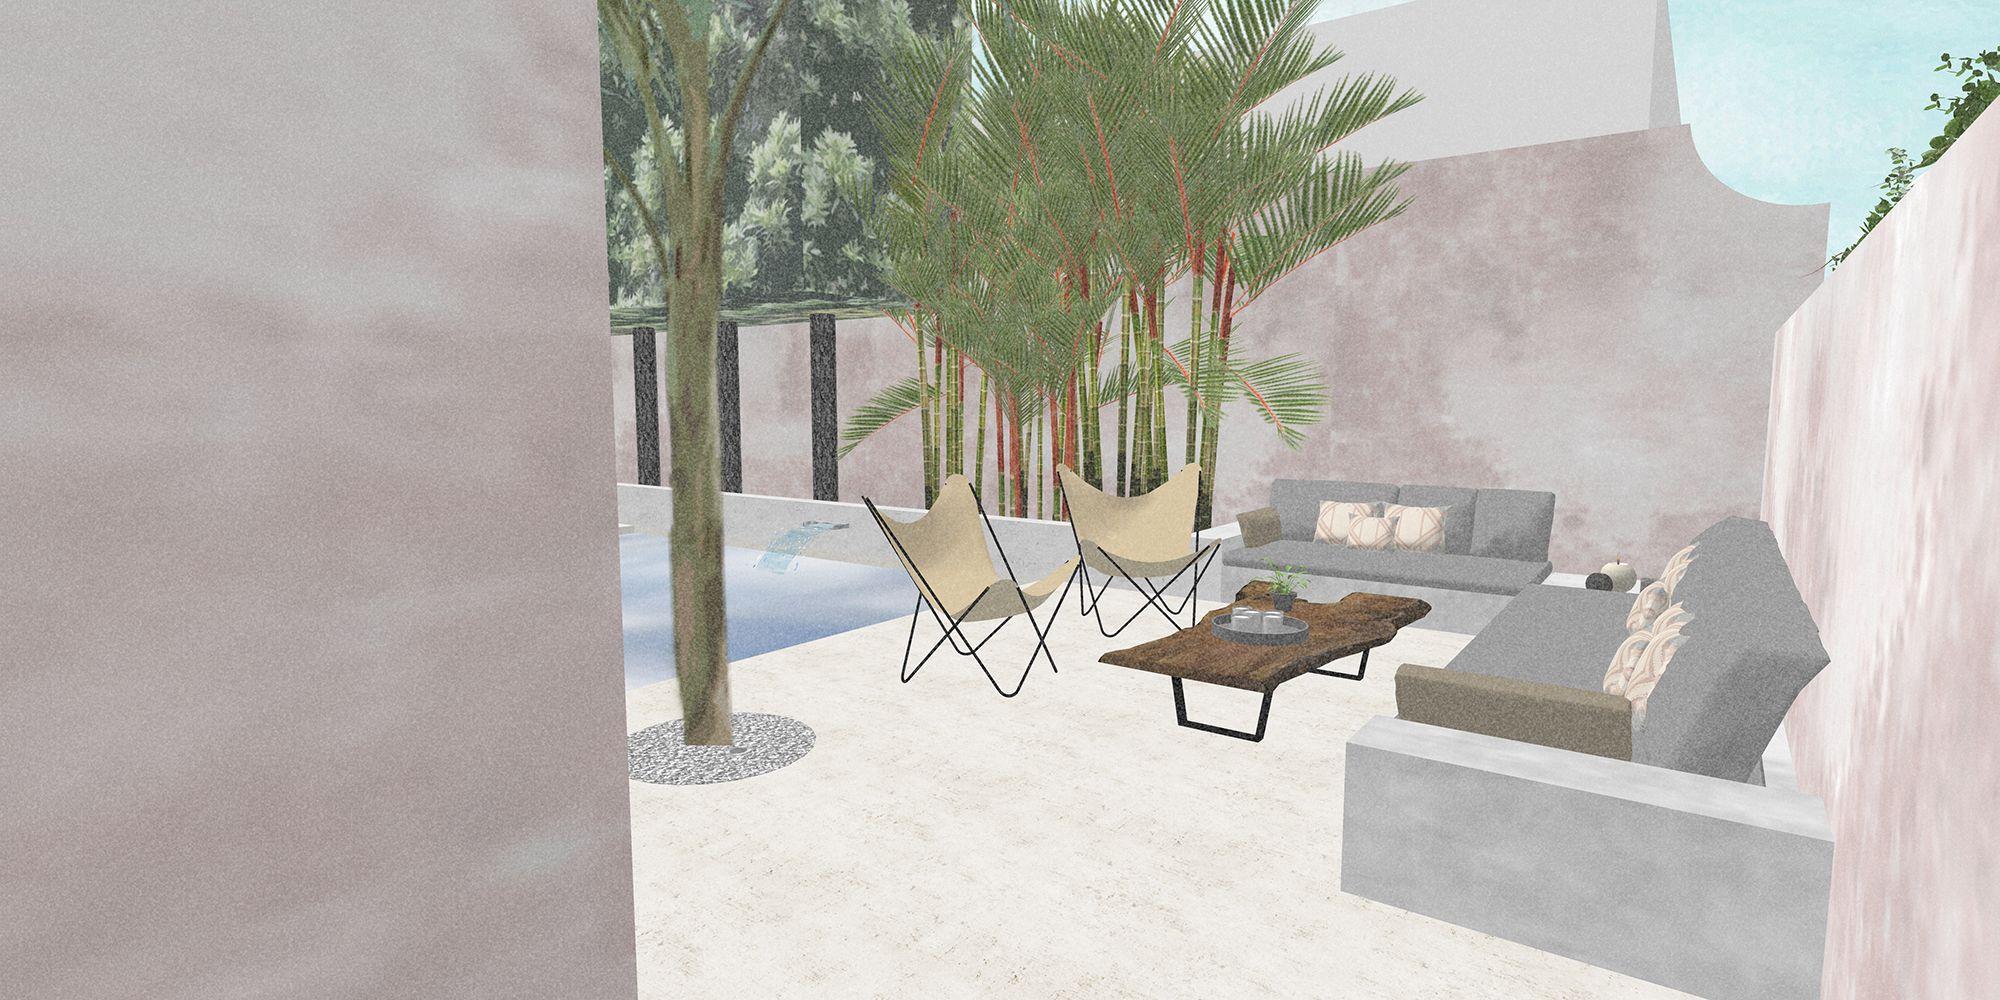 180615 Barnhart Residence-Concept Update S1-4.jpg